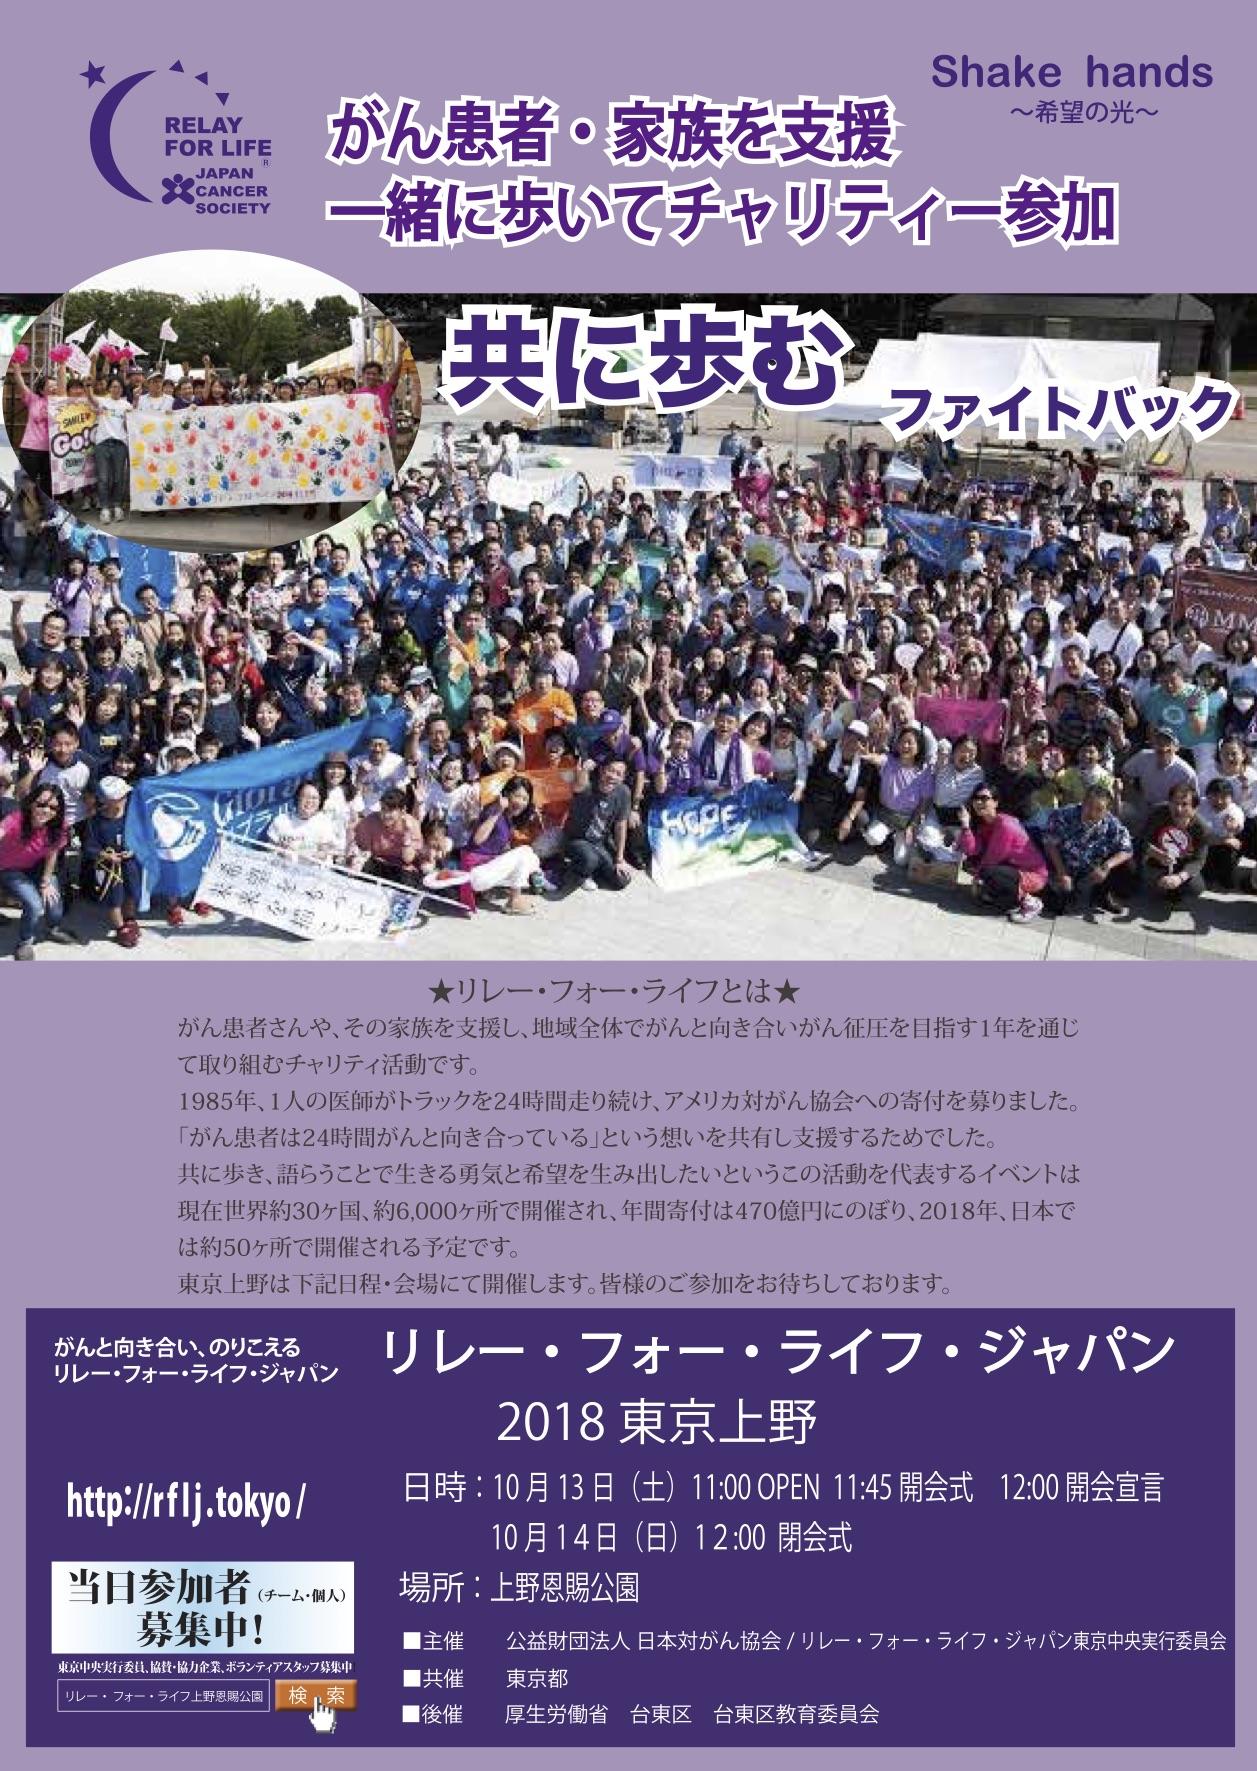 10/13・14 リレー・フォー・ライフ東京上野に参加します